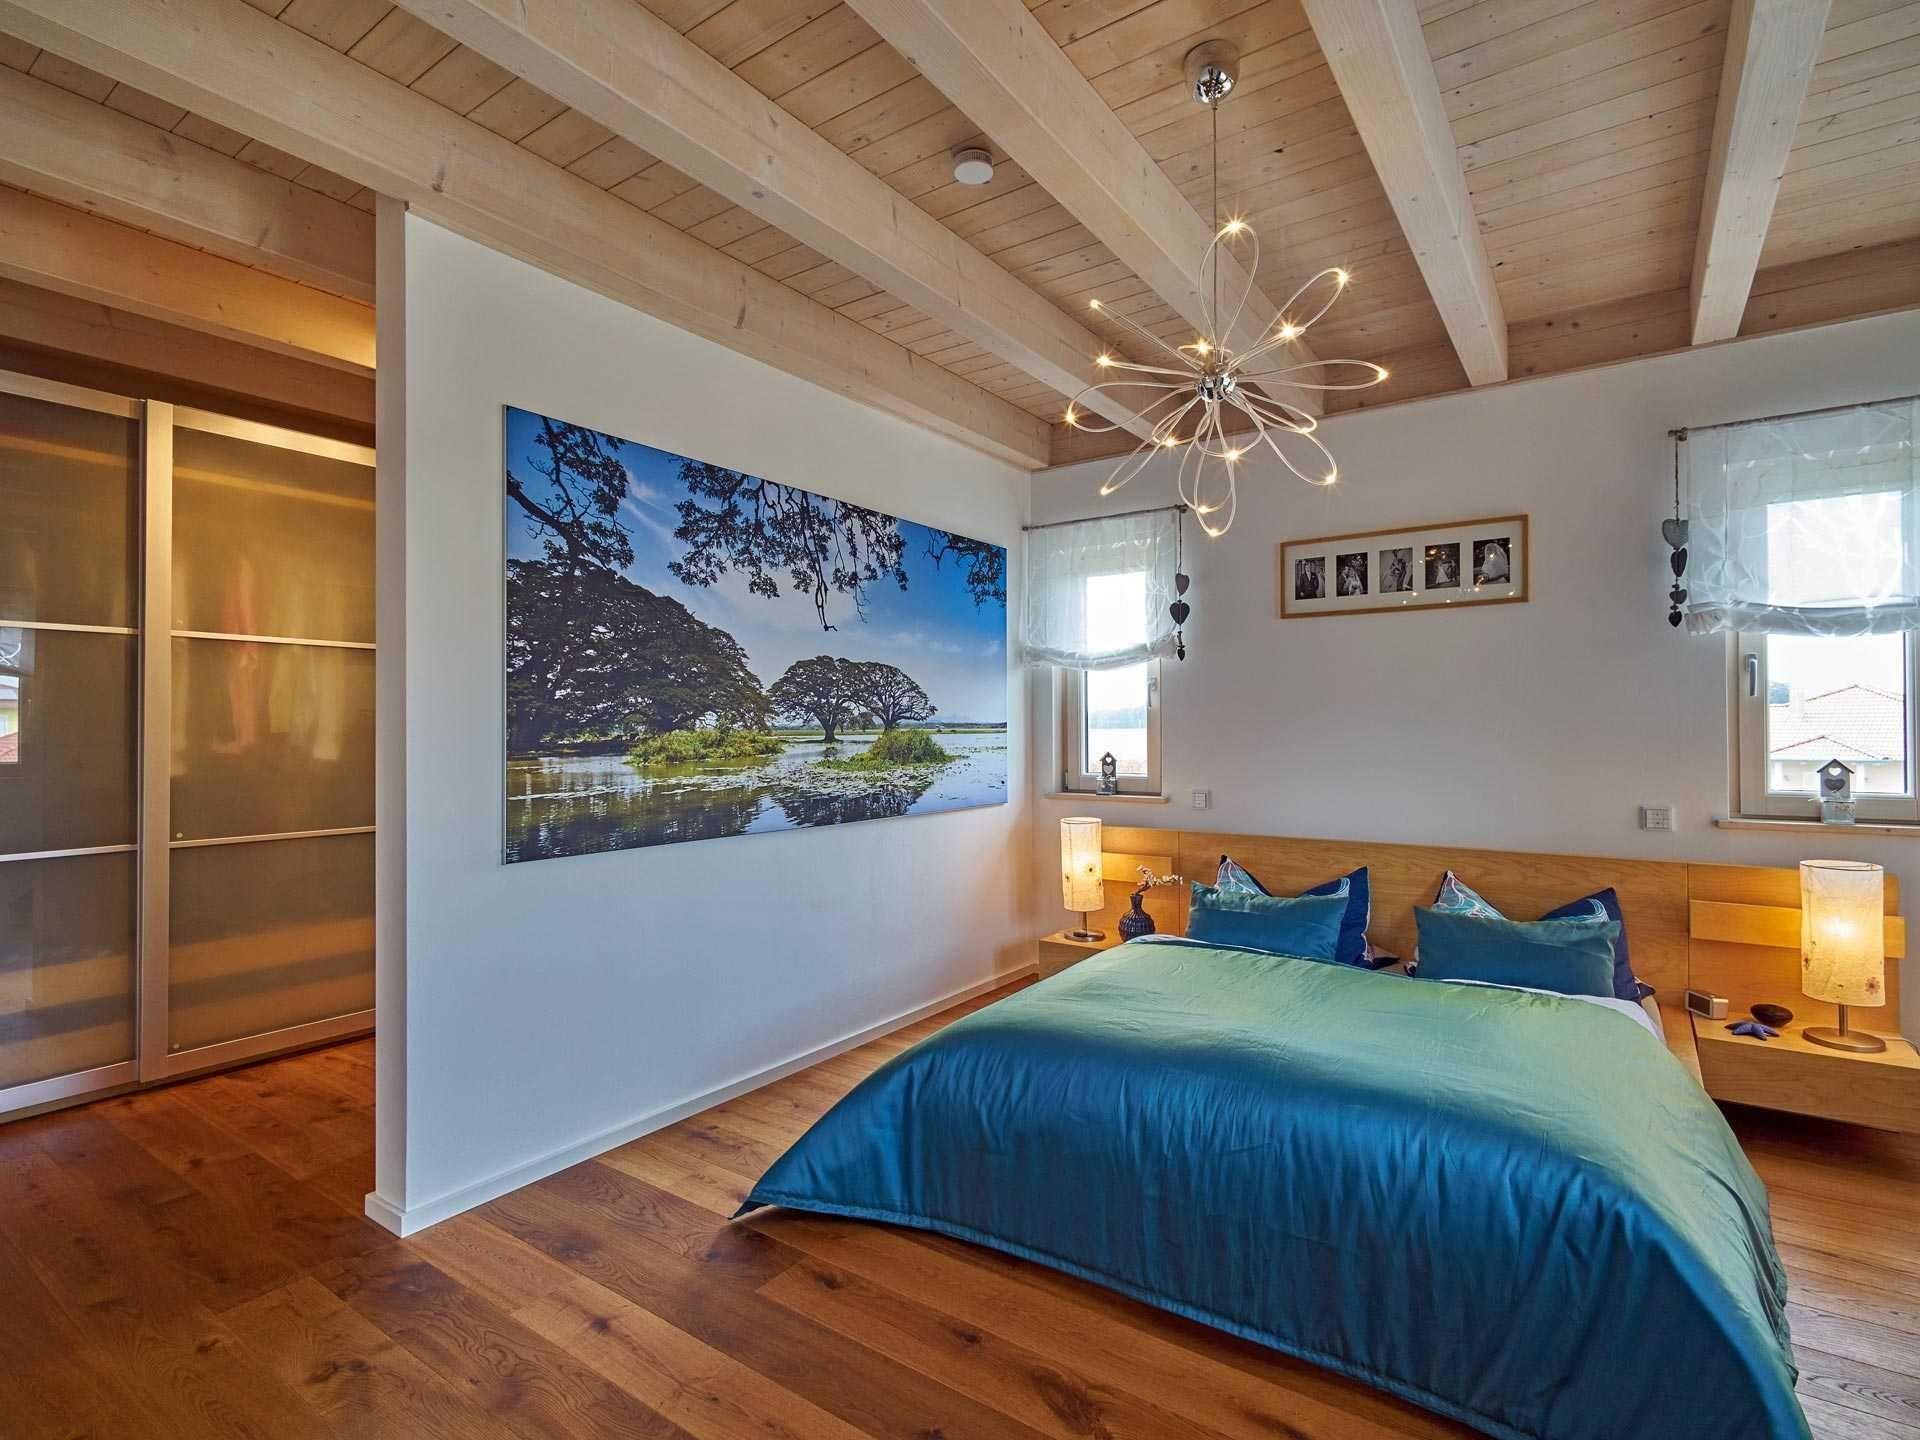 Rechteckiges schlafzimmer einrichten schlafzimmer poco lattenroste rollroste deko trends zwei - Rechteckiges zimmer einrichten ...